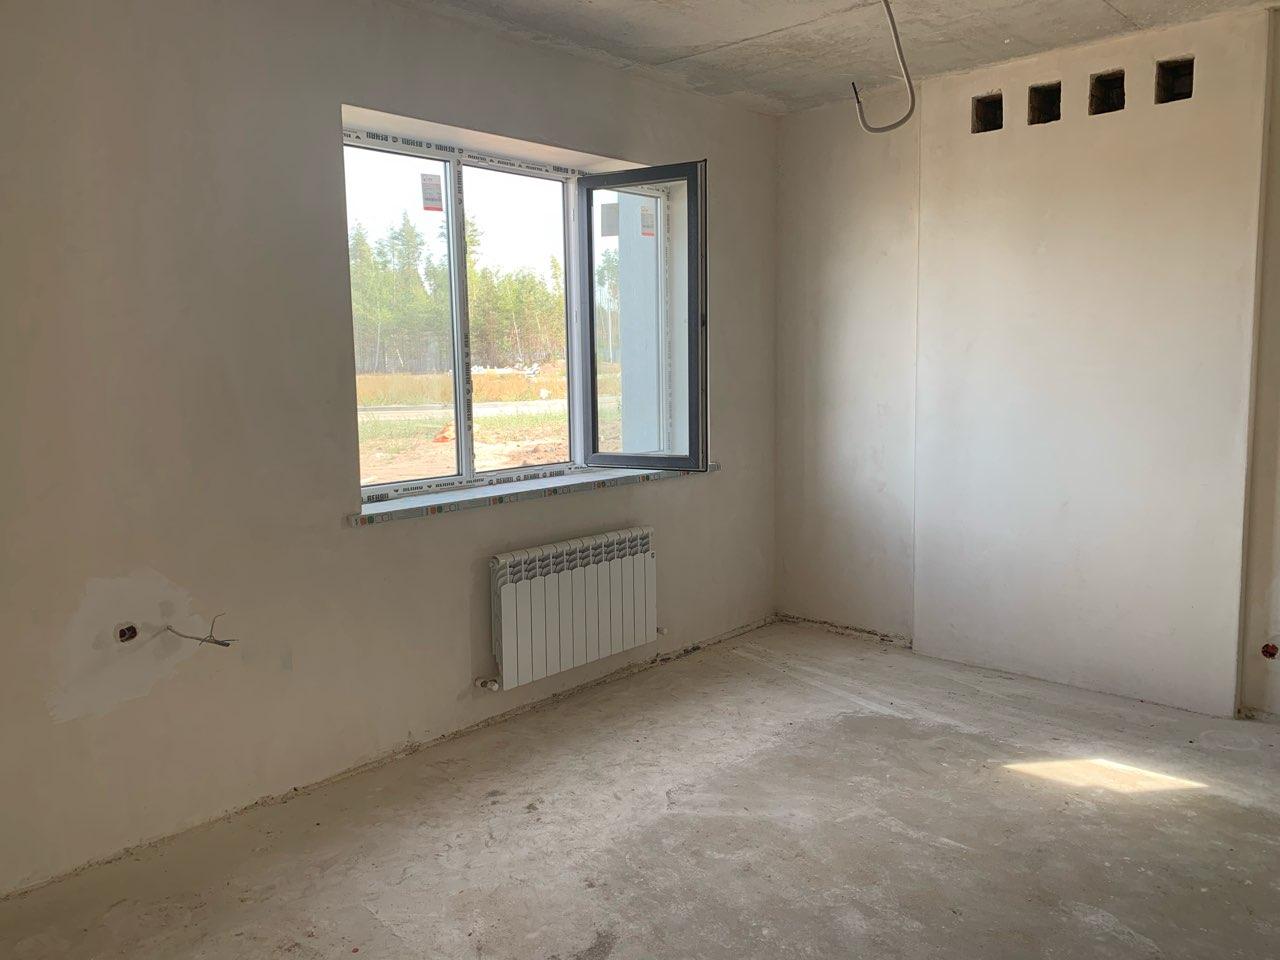 Главу Воротынского района обвиняют впредоставлении сиротам некачественного жилья - фото 1